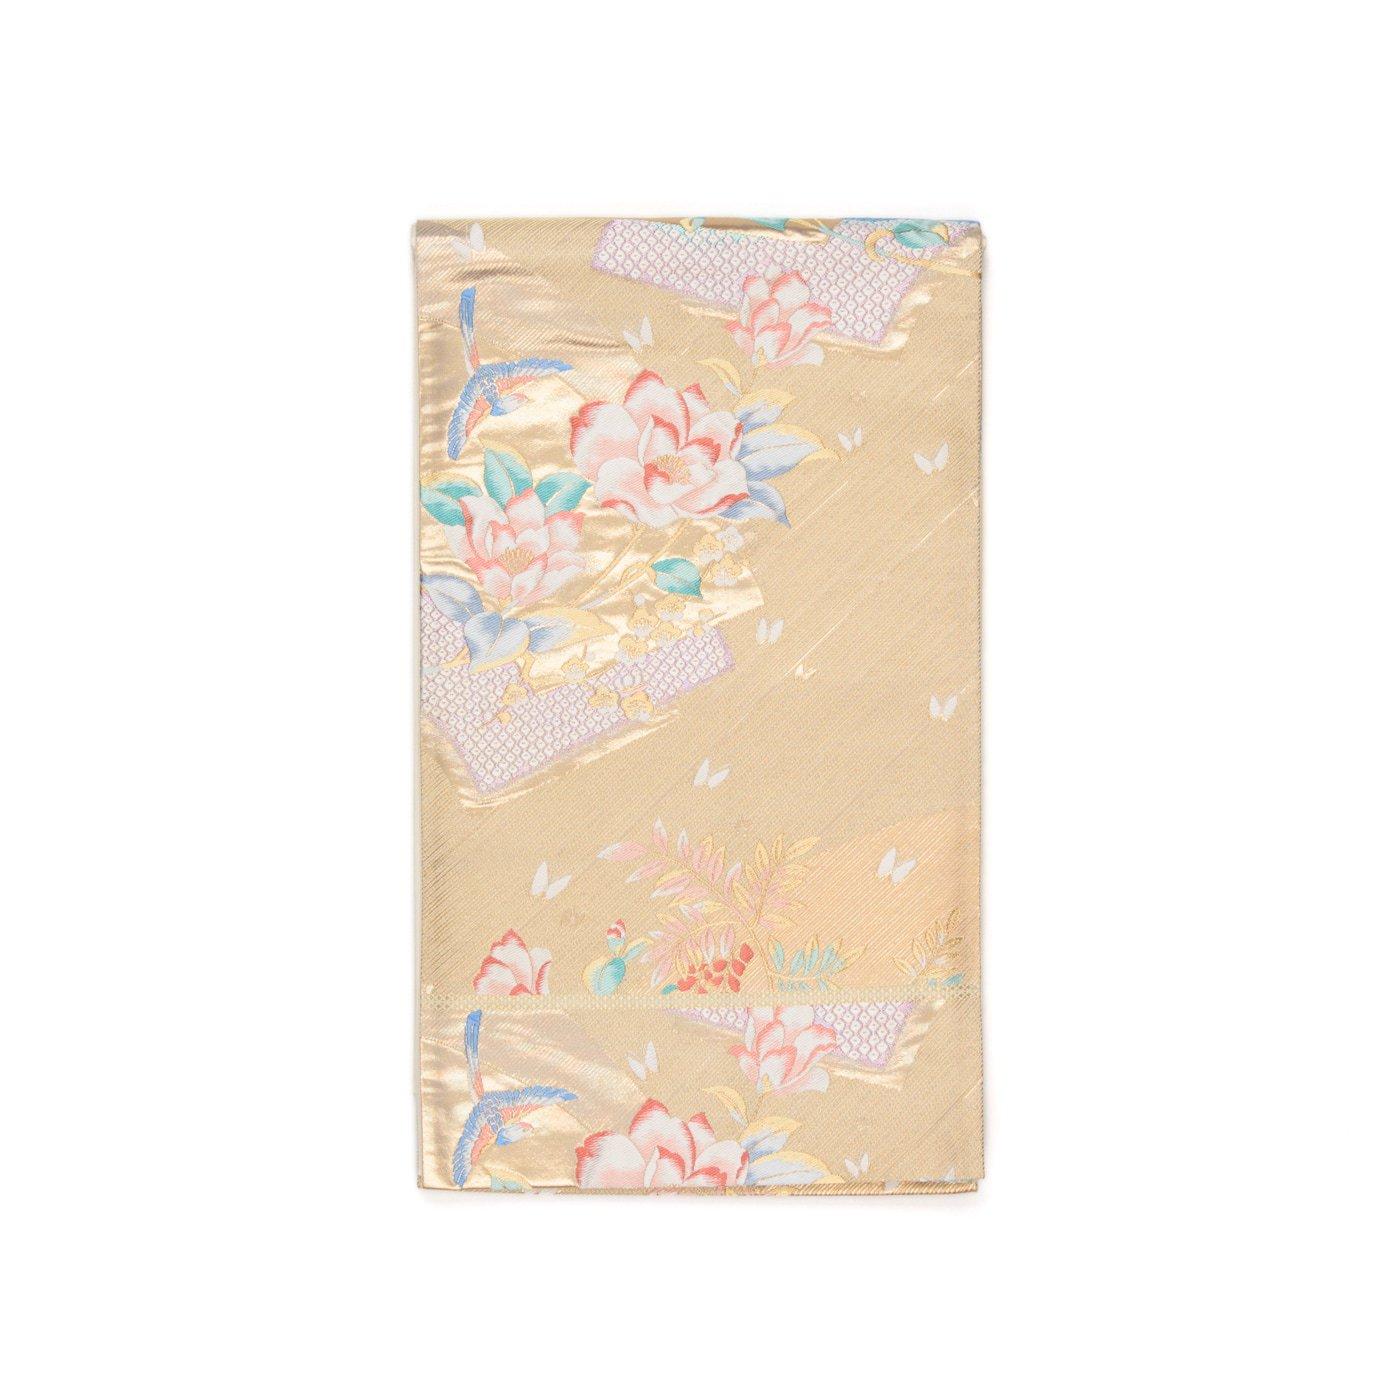 「袋帯●扇面に花と鳥」の商品画像